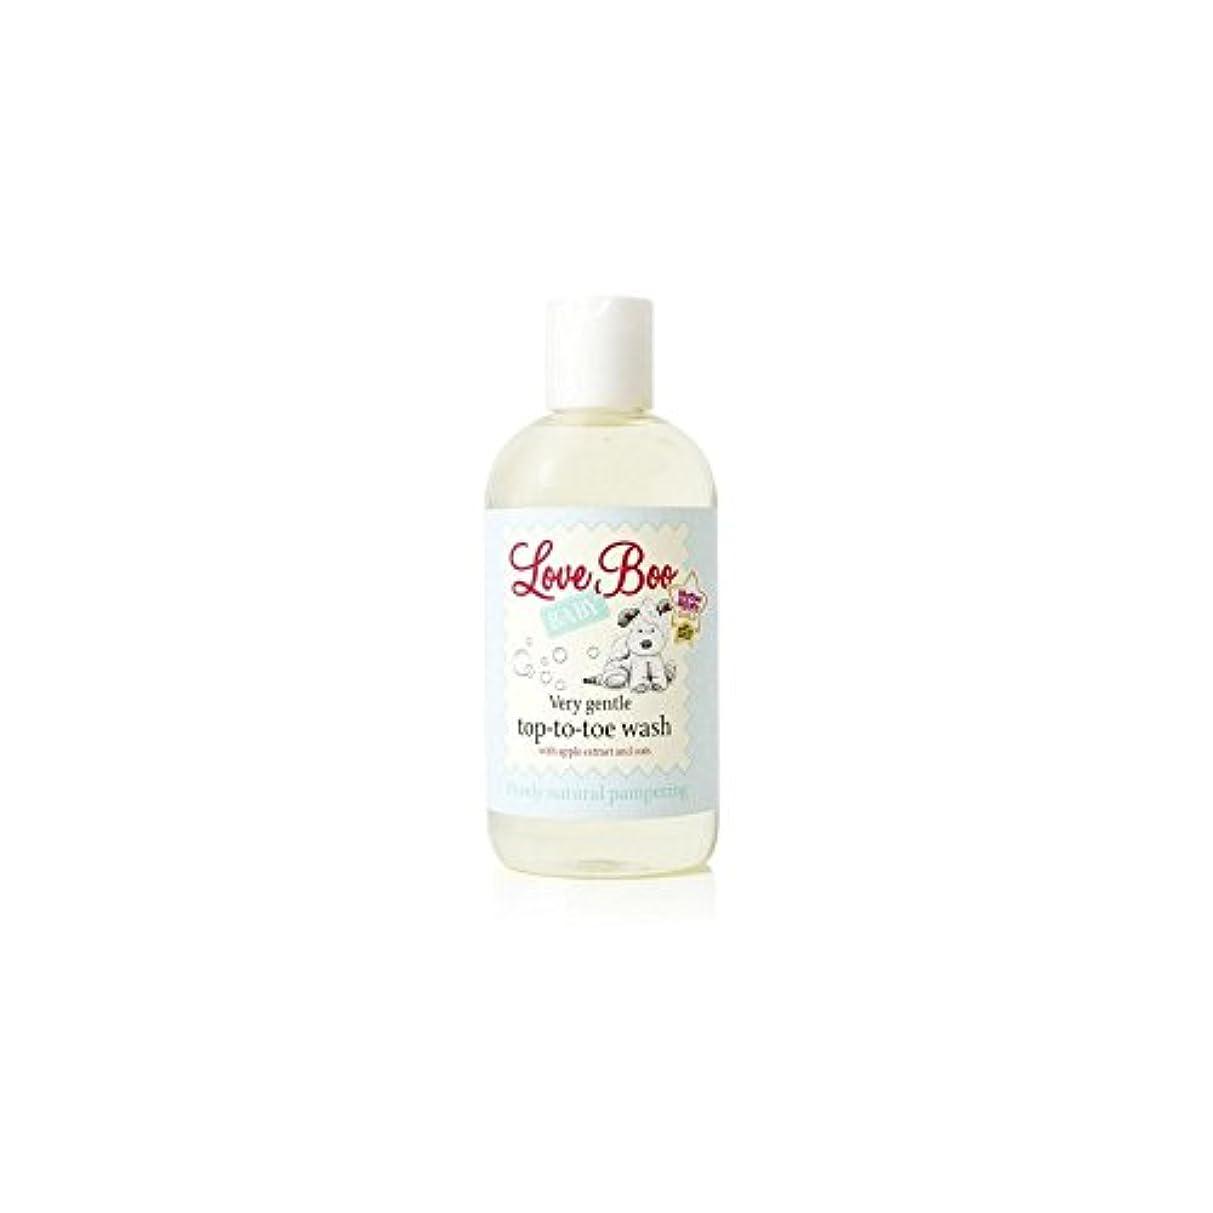 不健康エジプト大気Love Boo Very Gentle Top-To-Toe Wash (250ml) (Pack of 6) - 愛のブーイング非常に穏やかなトップからつま先まで洗浄(250ミリリットル) x6 [並行輸入品]